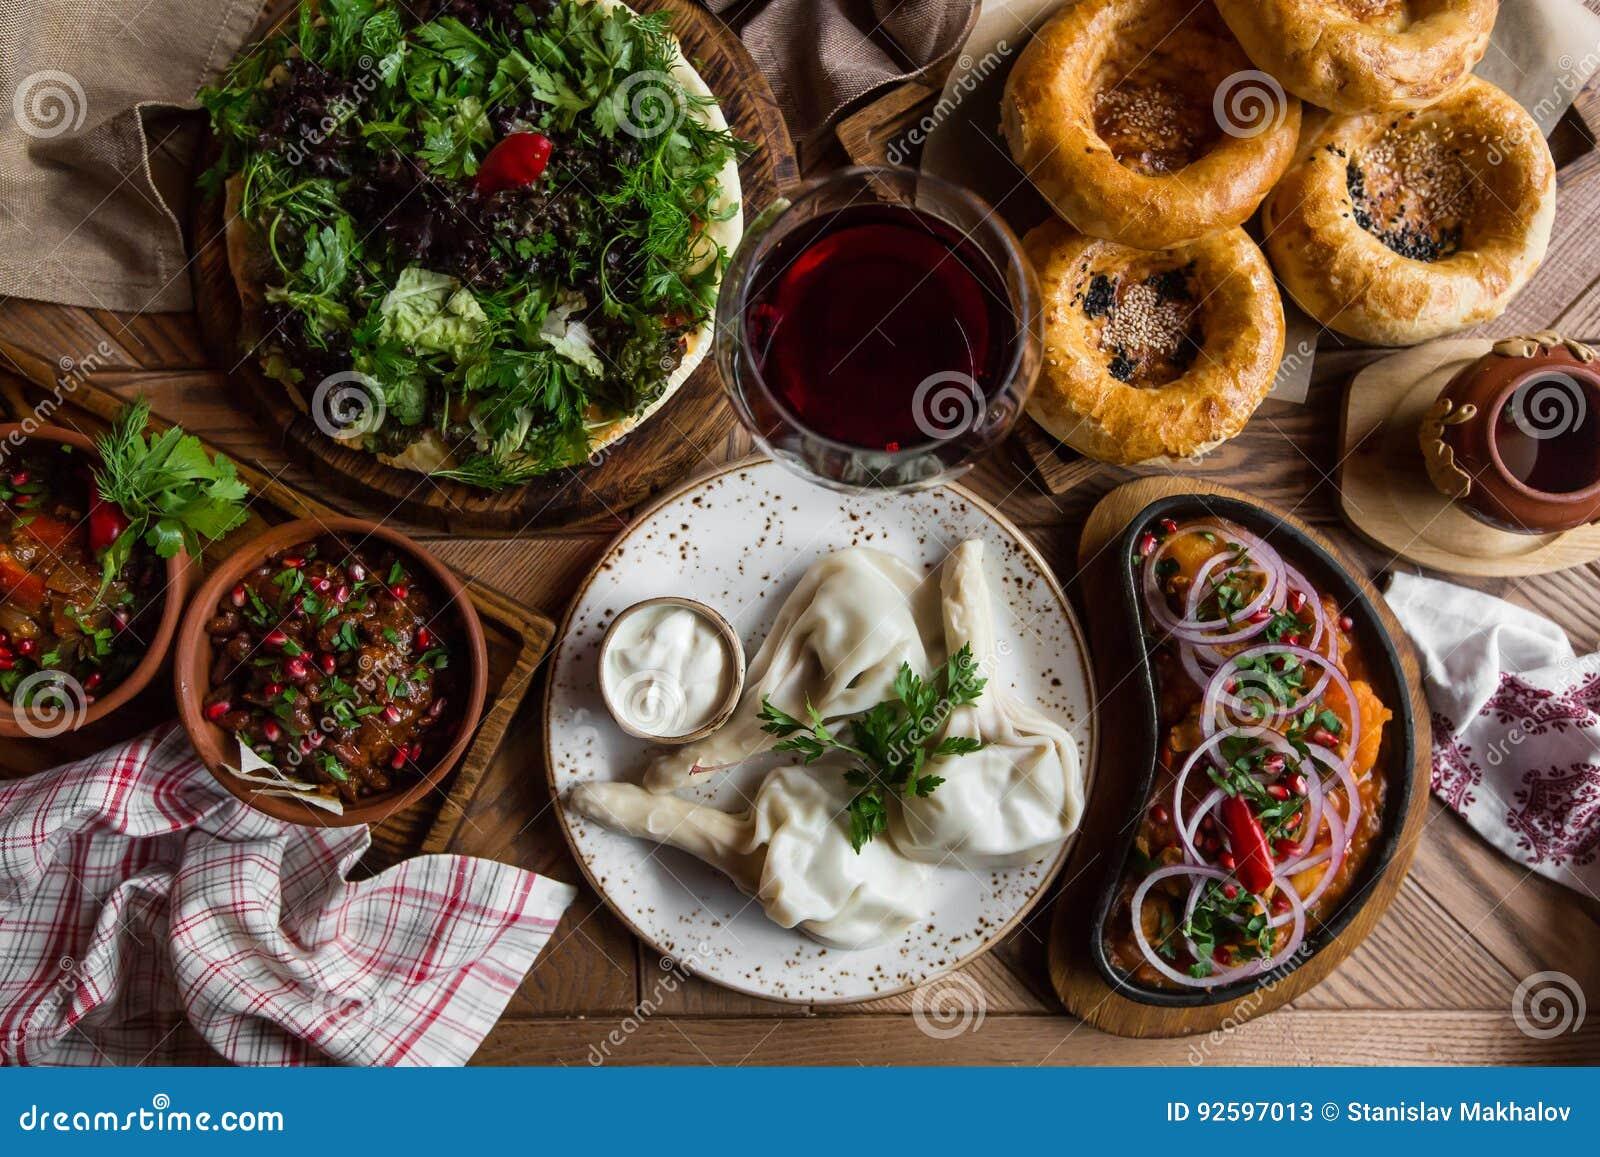 Heel wat voedsel op de houten lijst Georgische keuken Hoogste mening Vlak leg Khinkali en Georgische schotels